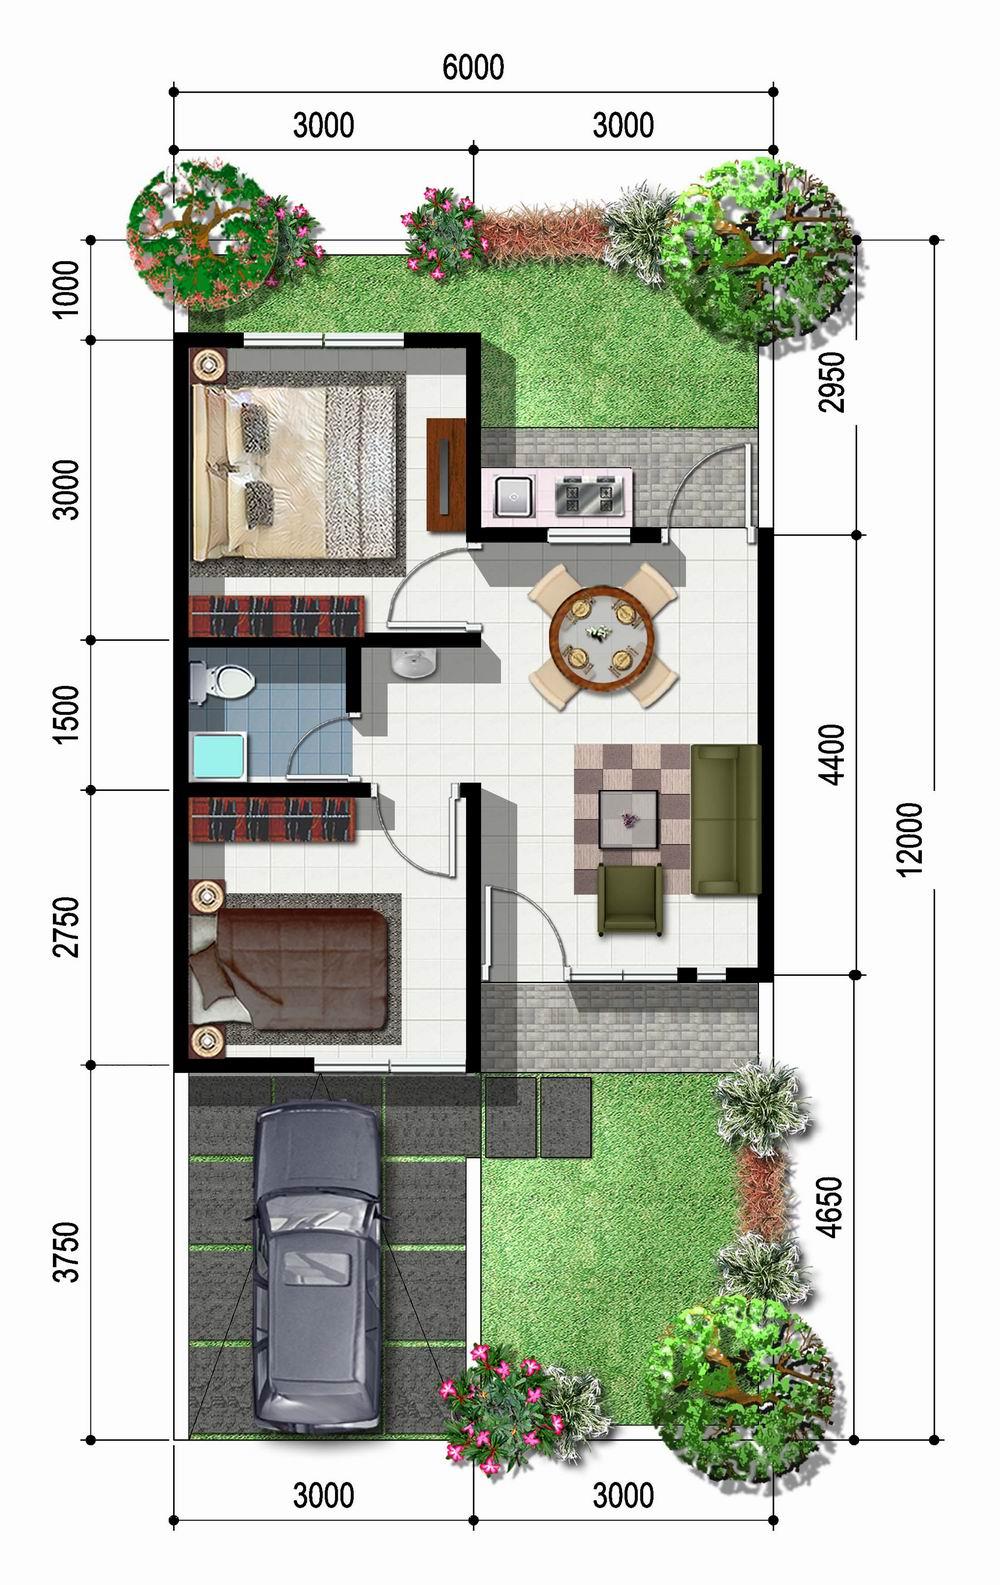 Desain Rumah Minimalis 2 Lantai Di Hook Rumah Minimalis Terbaru